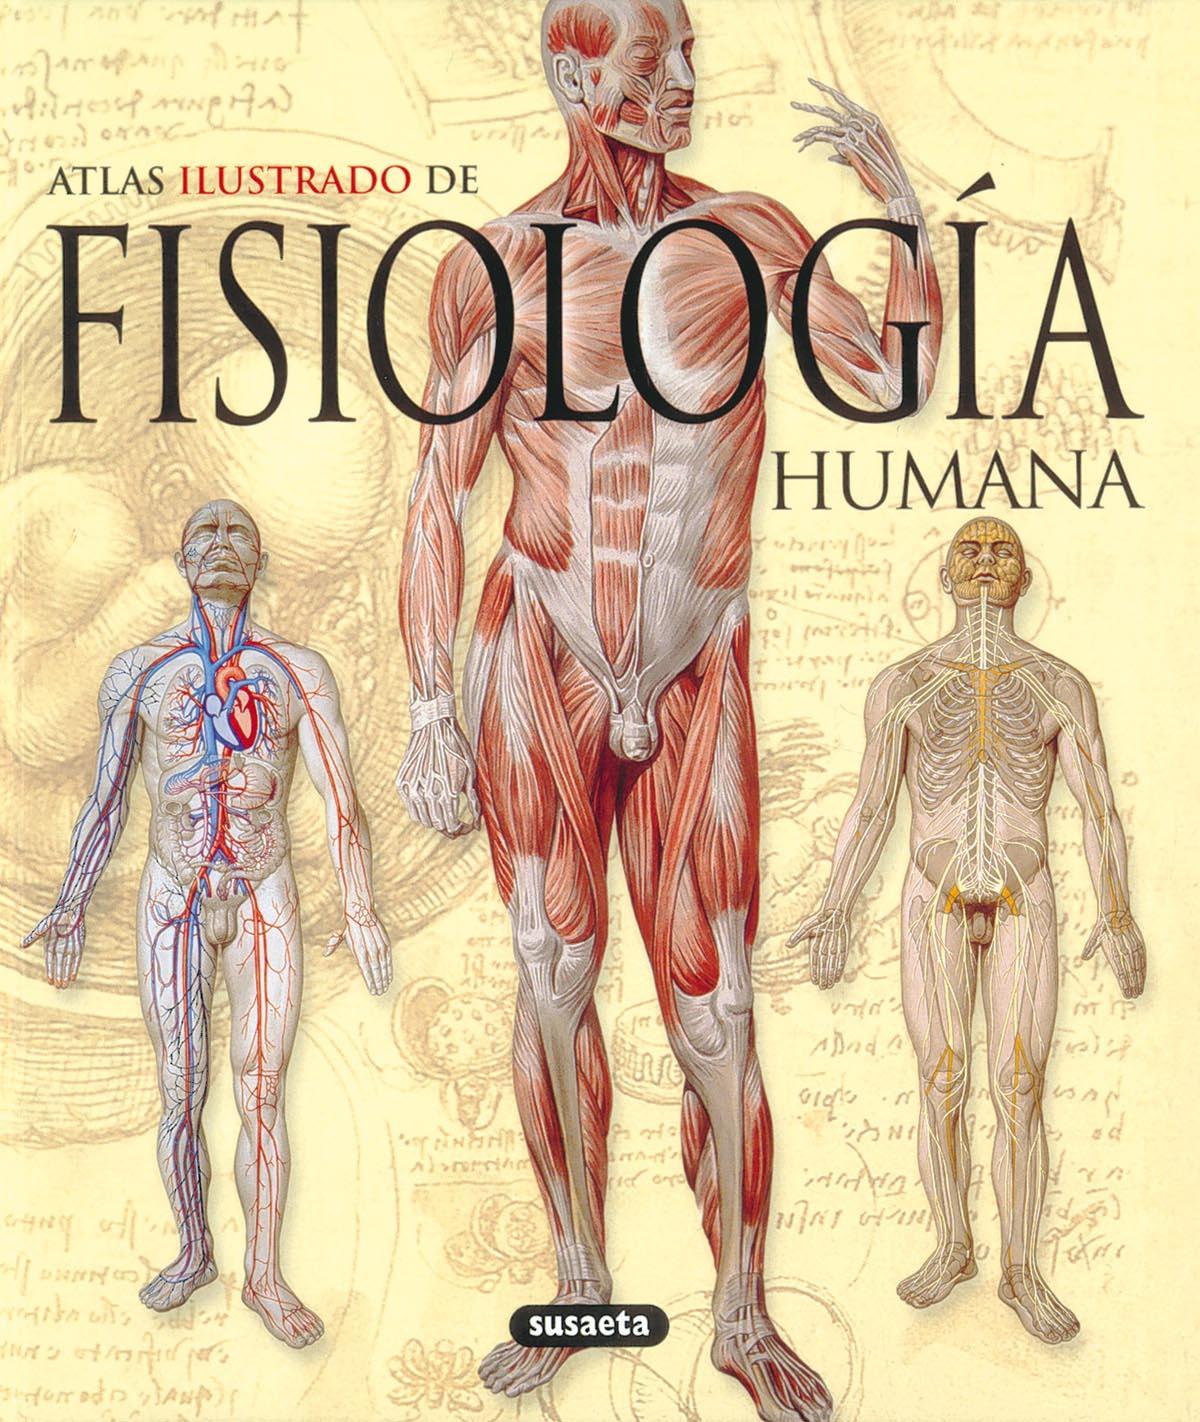 FISIOLOGIA HUMANA: ATLAS ILUSTRADO | VV.AA. | Comprar libro ...